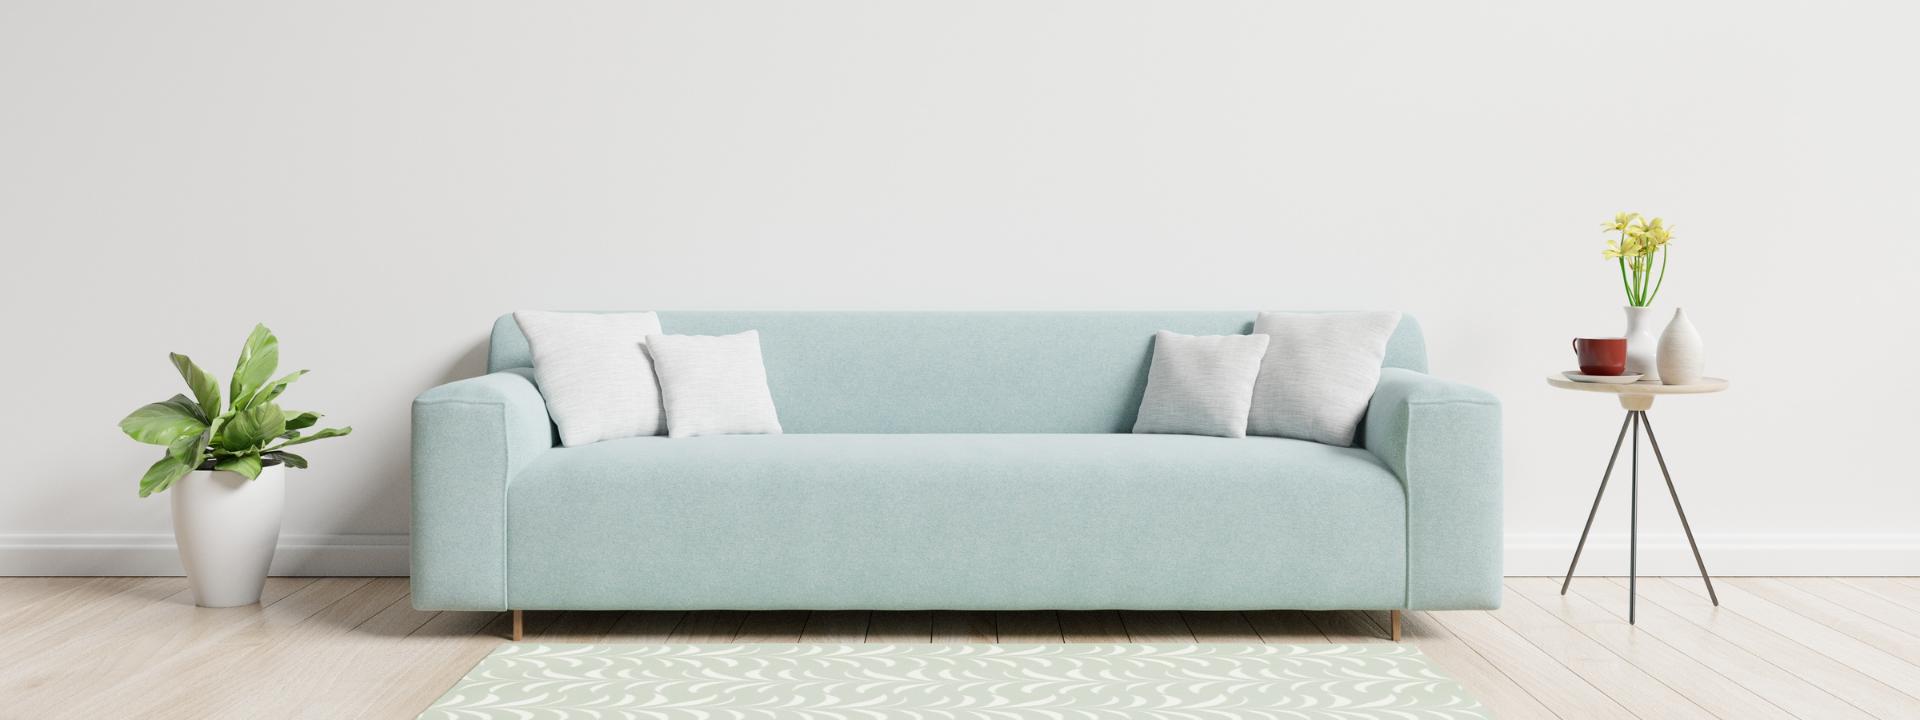 Furniture 4